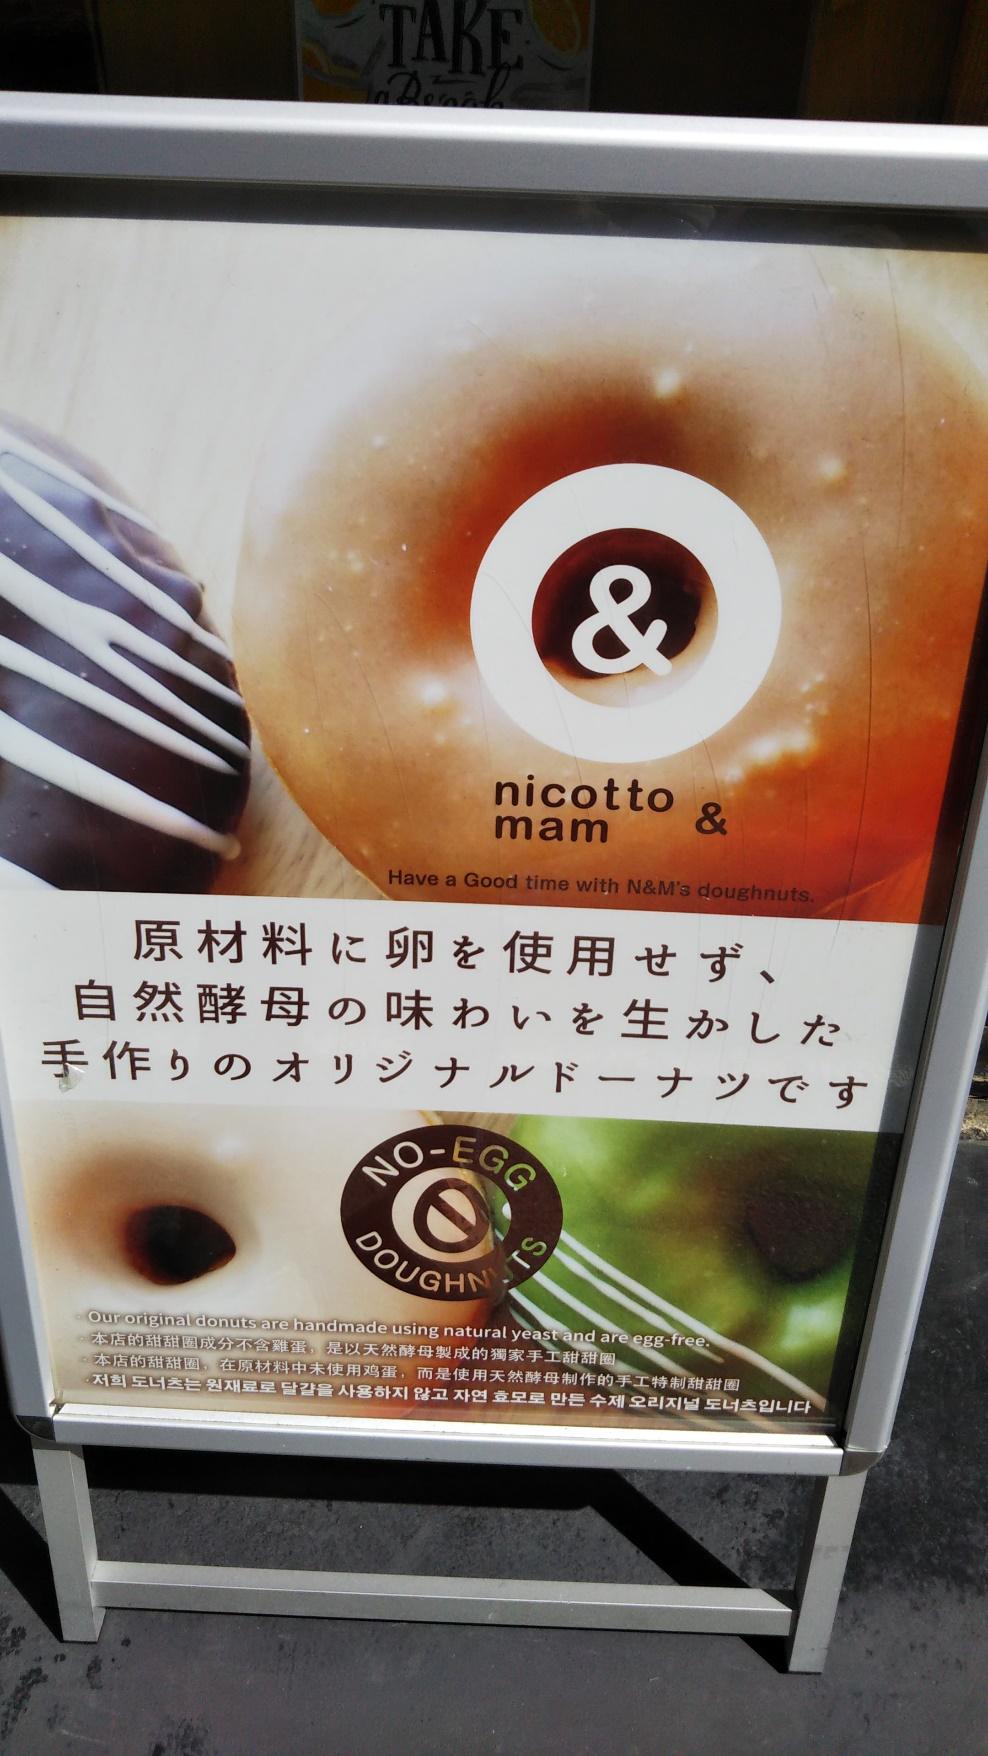 ニコットマム(nicotte&mam) 看板